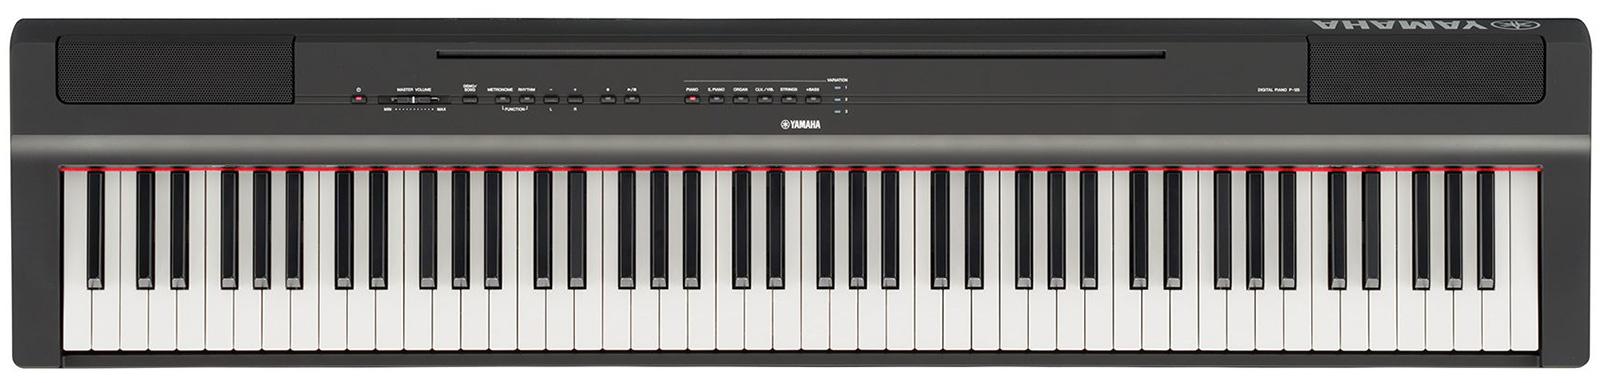 Електронний синтезатор купити Суми